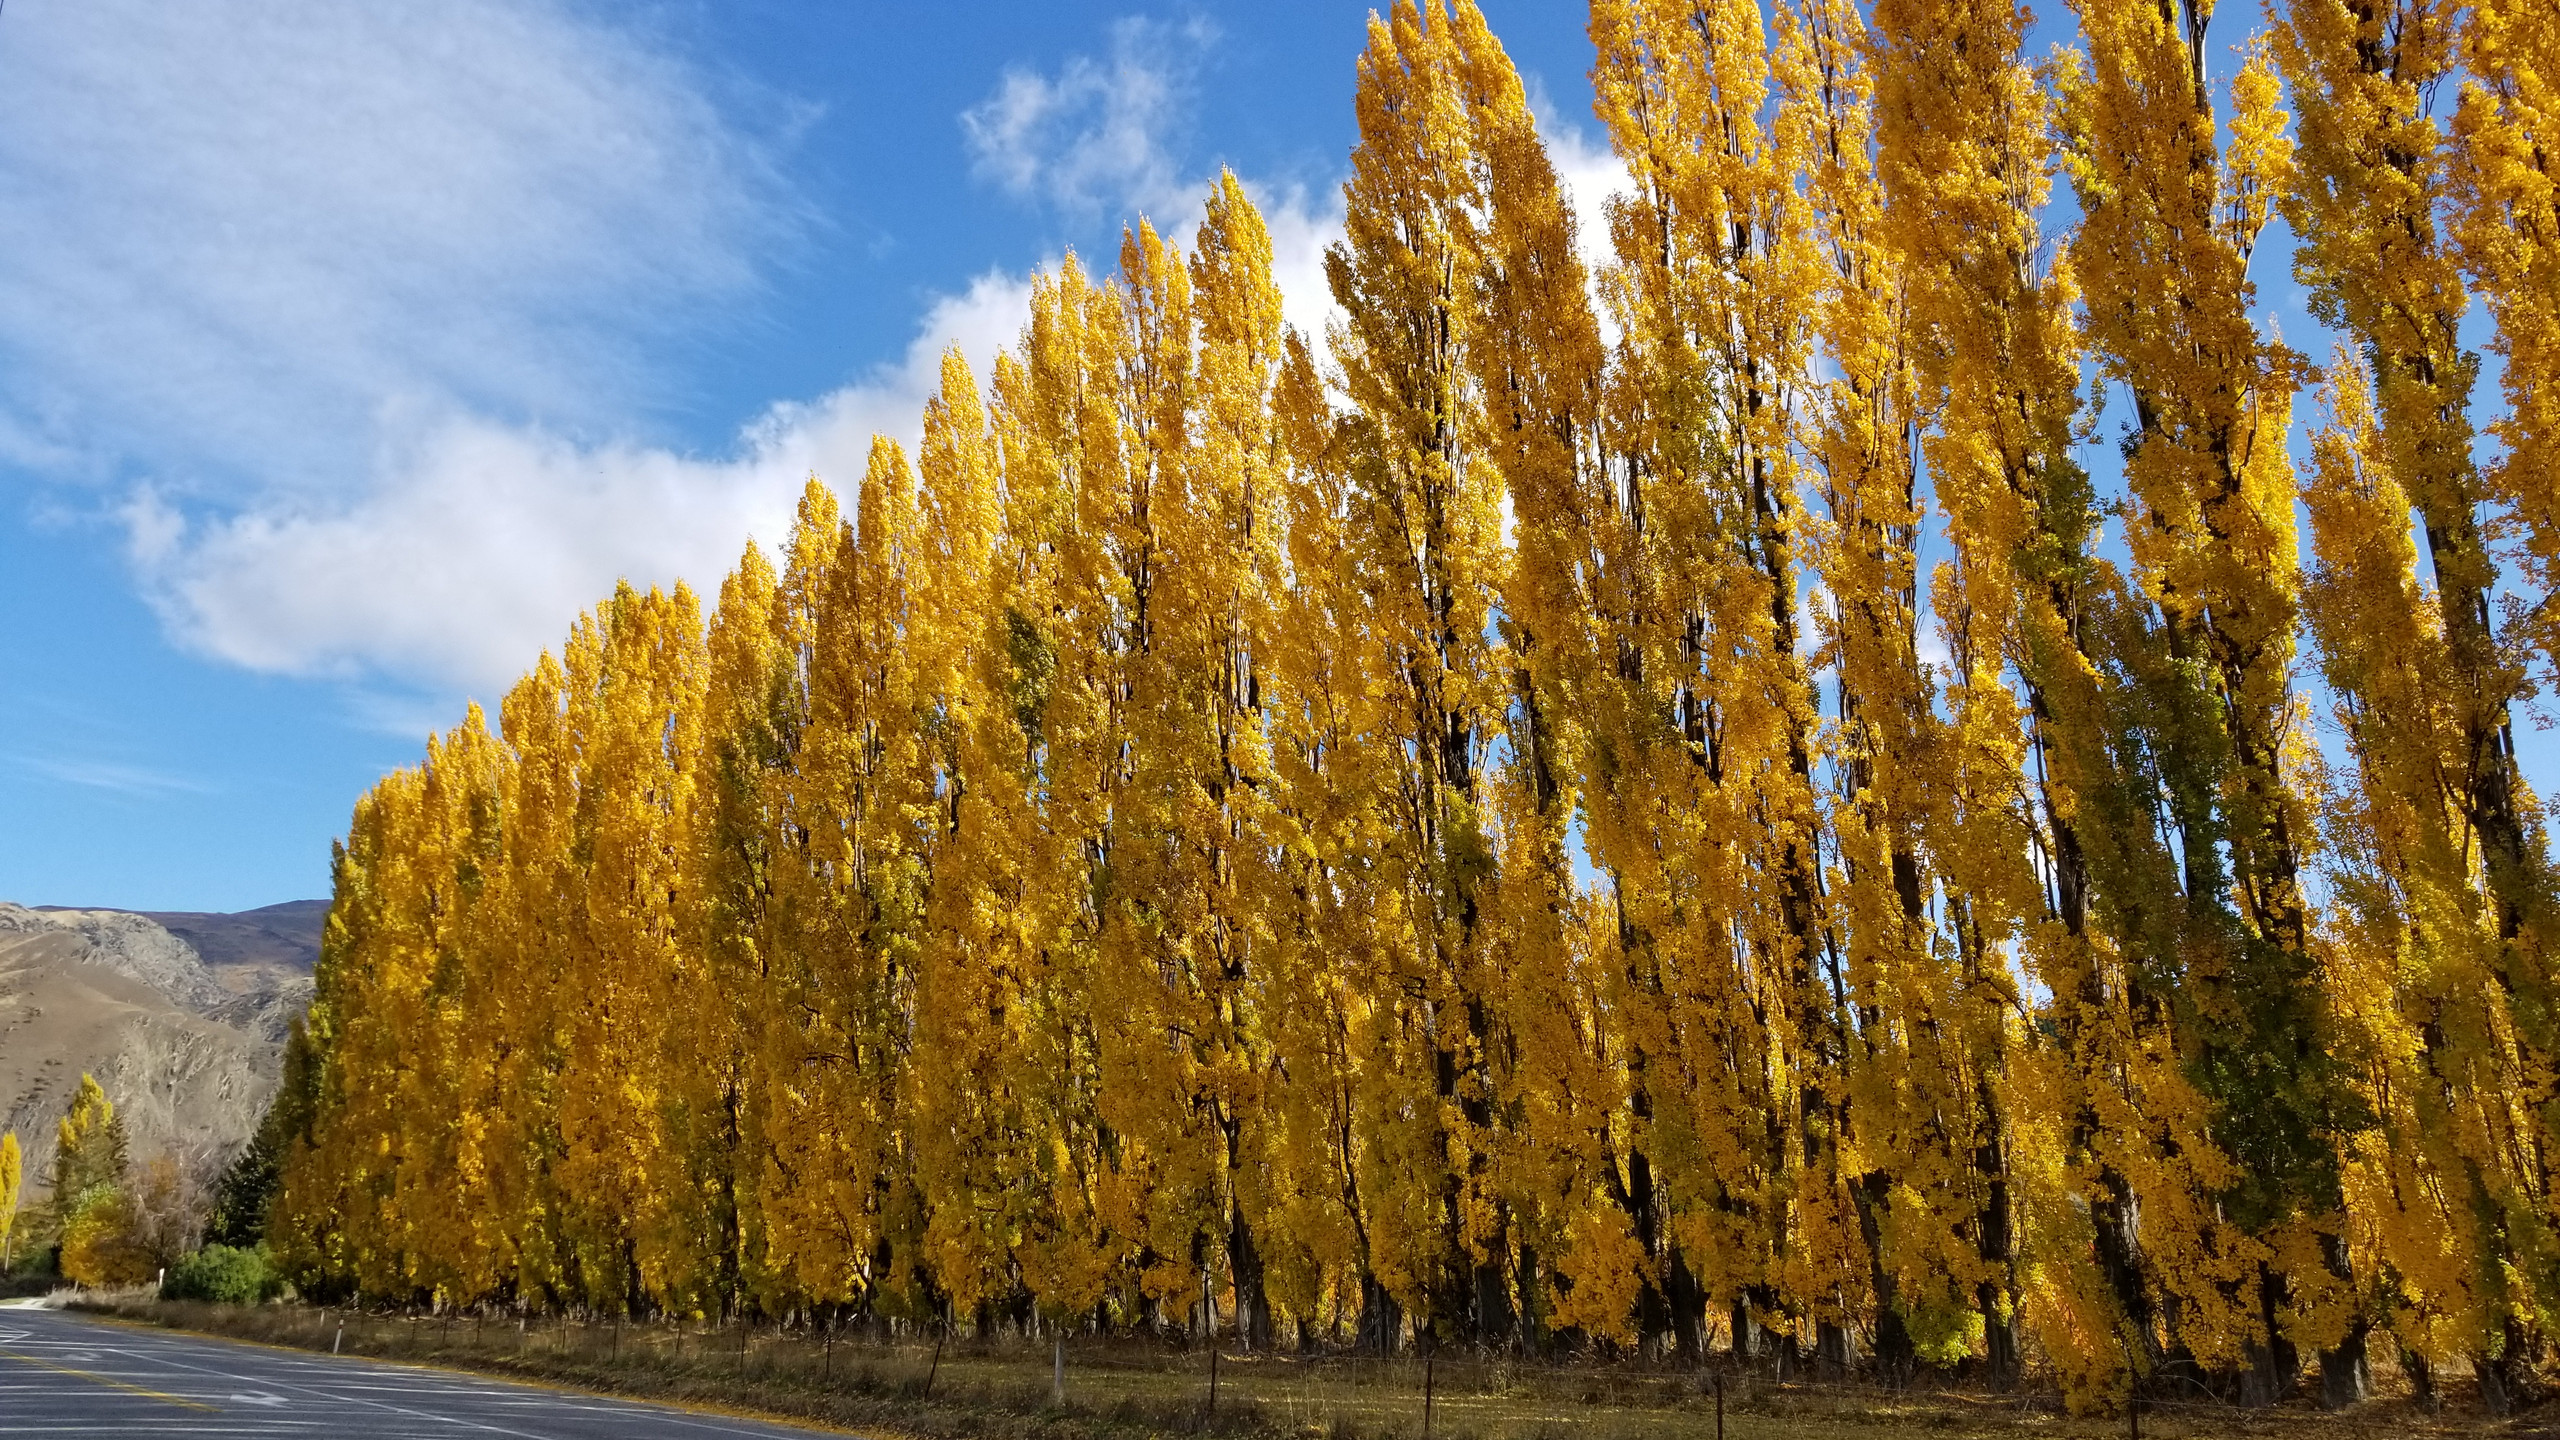 Autumn New Zealand, New Zealand attractions, New Zealand activities